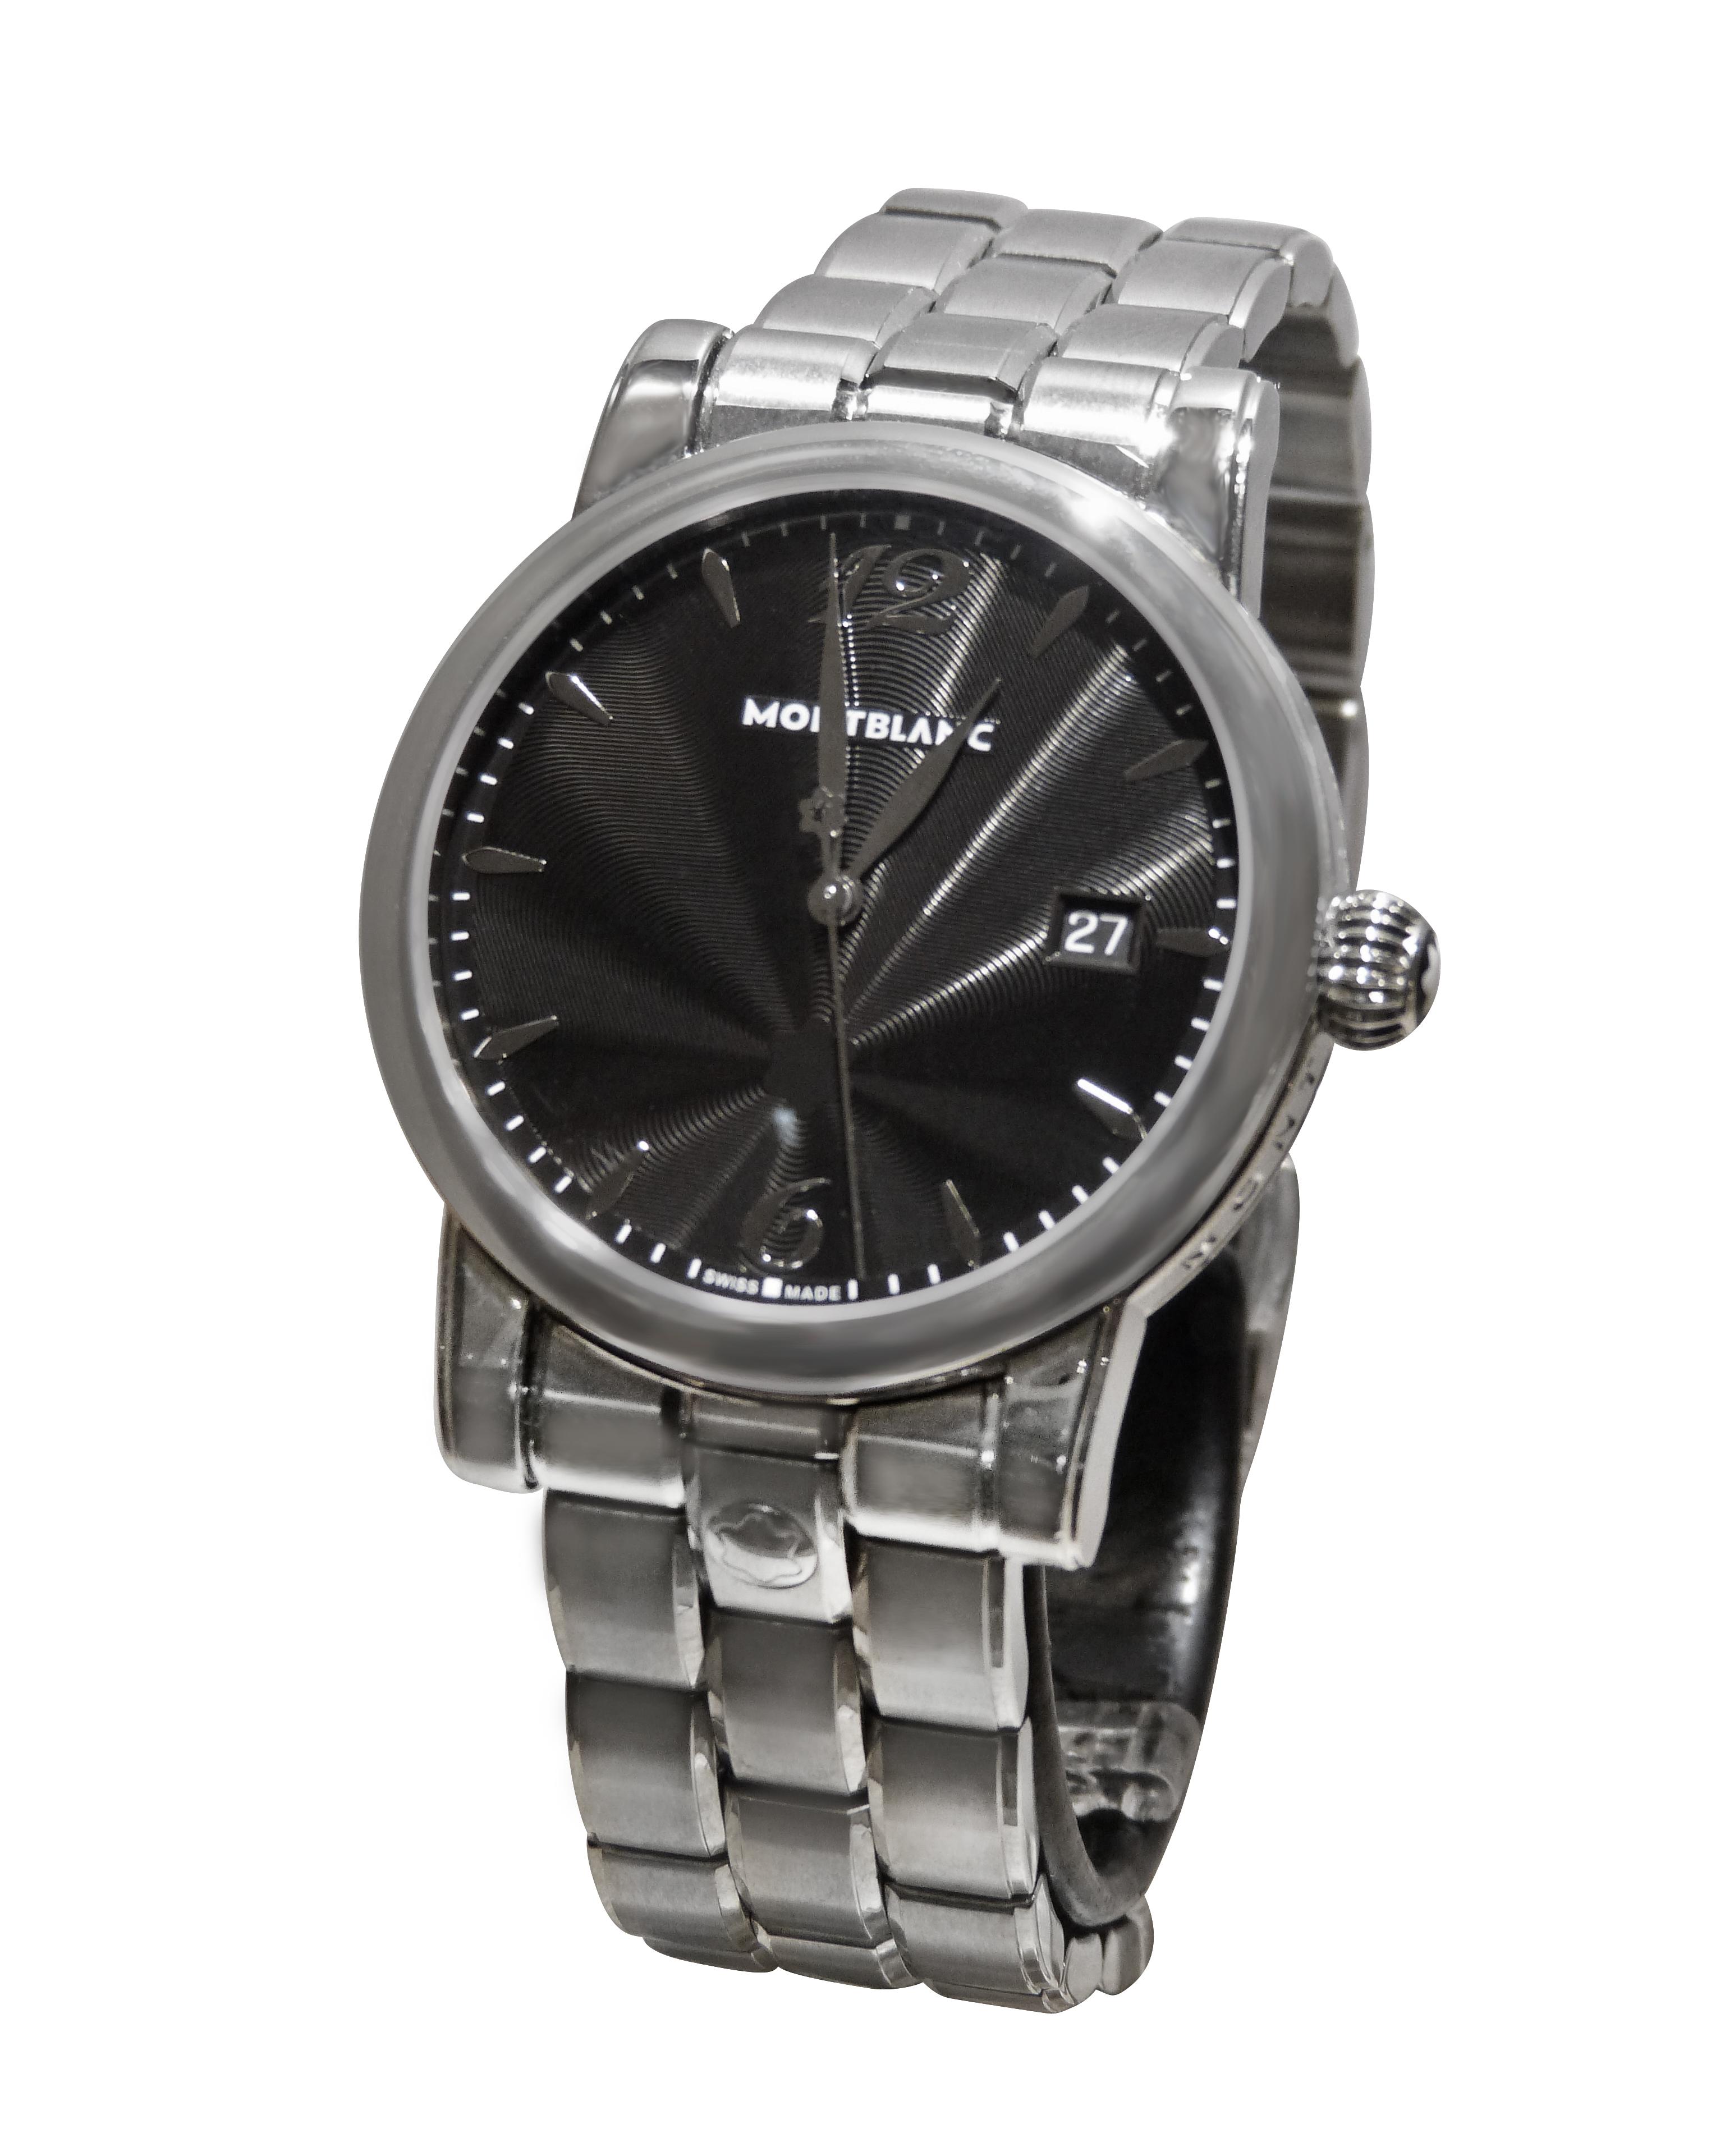 Ρολόι Montblanc Star Automatic 105961   ρολογια montblanc